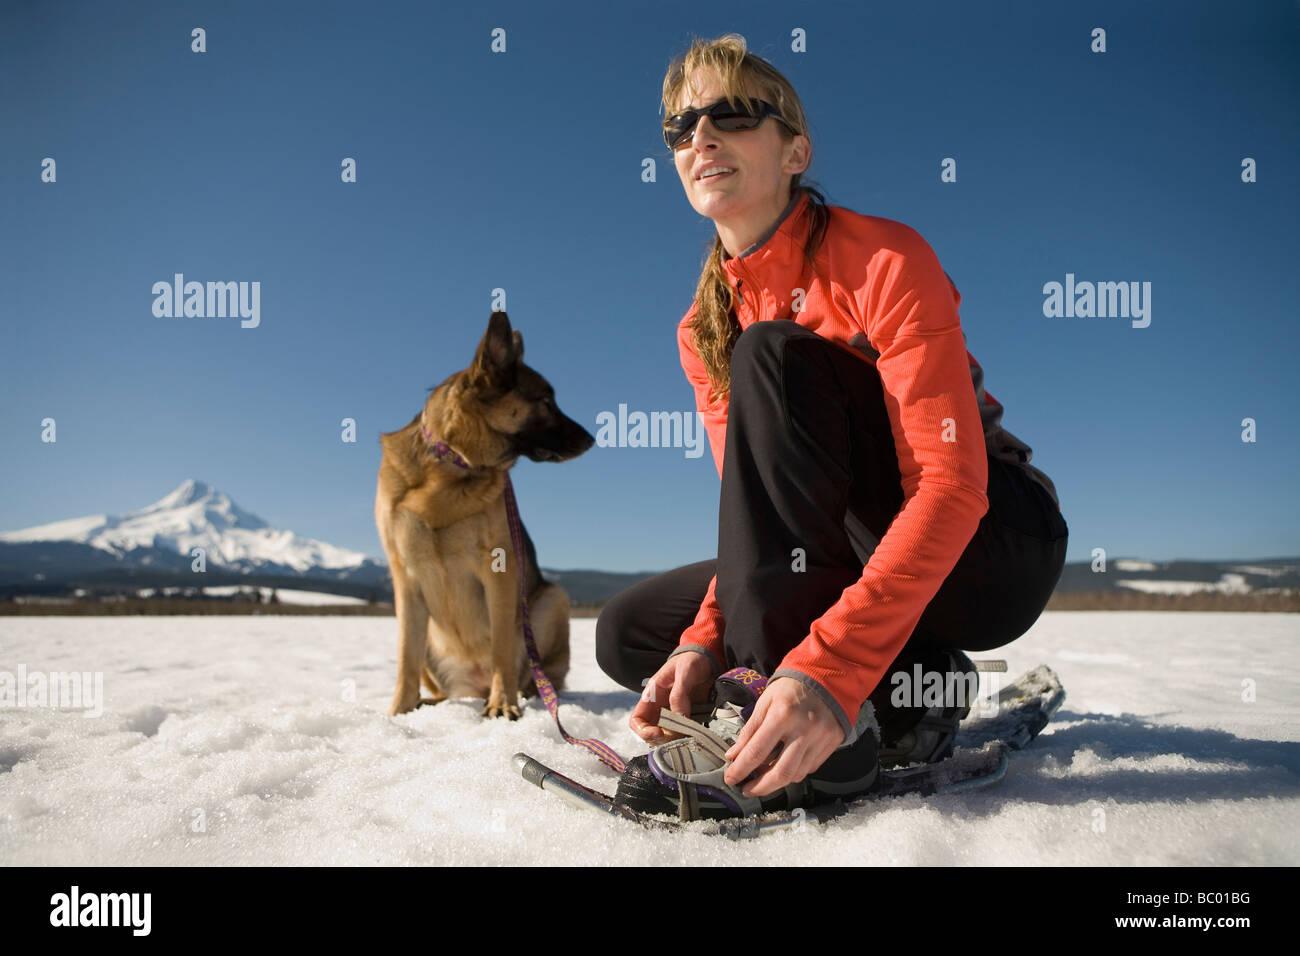 Junge Frau mit Hund legt auf Schneeschuhen in der Nähe von Mount Hood, Oregon. Stockbild